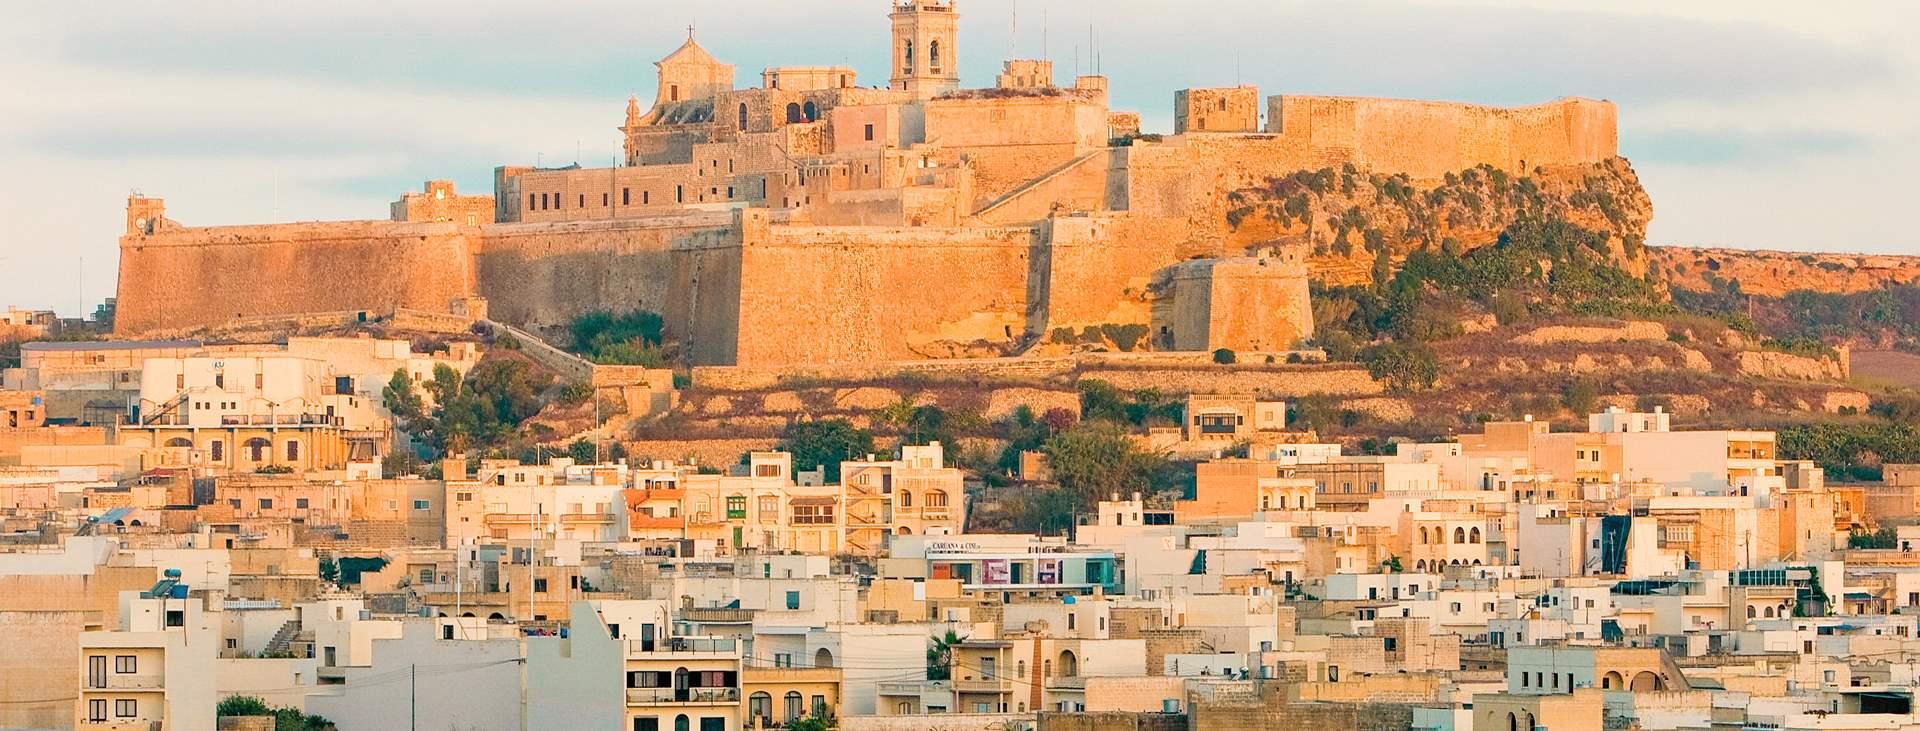 Varaa matka Gozolle, Maltalle Tjäreborgilta